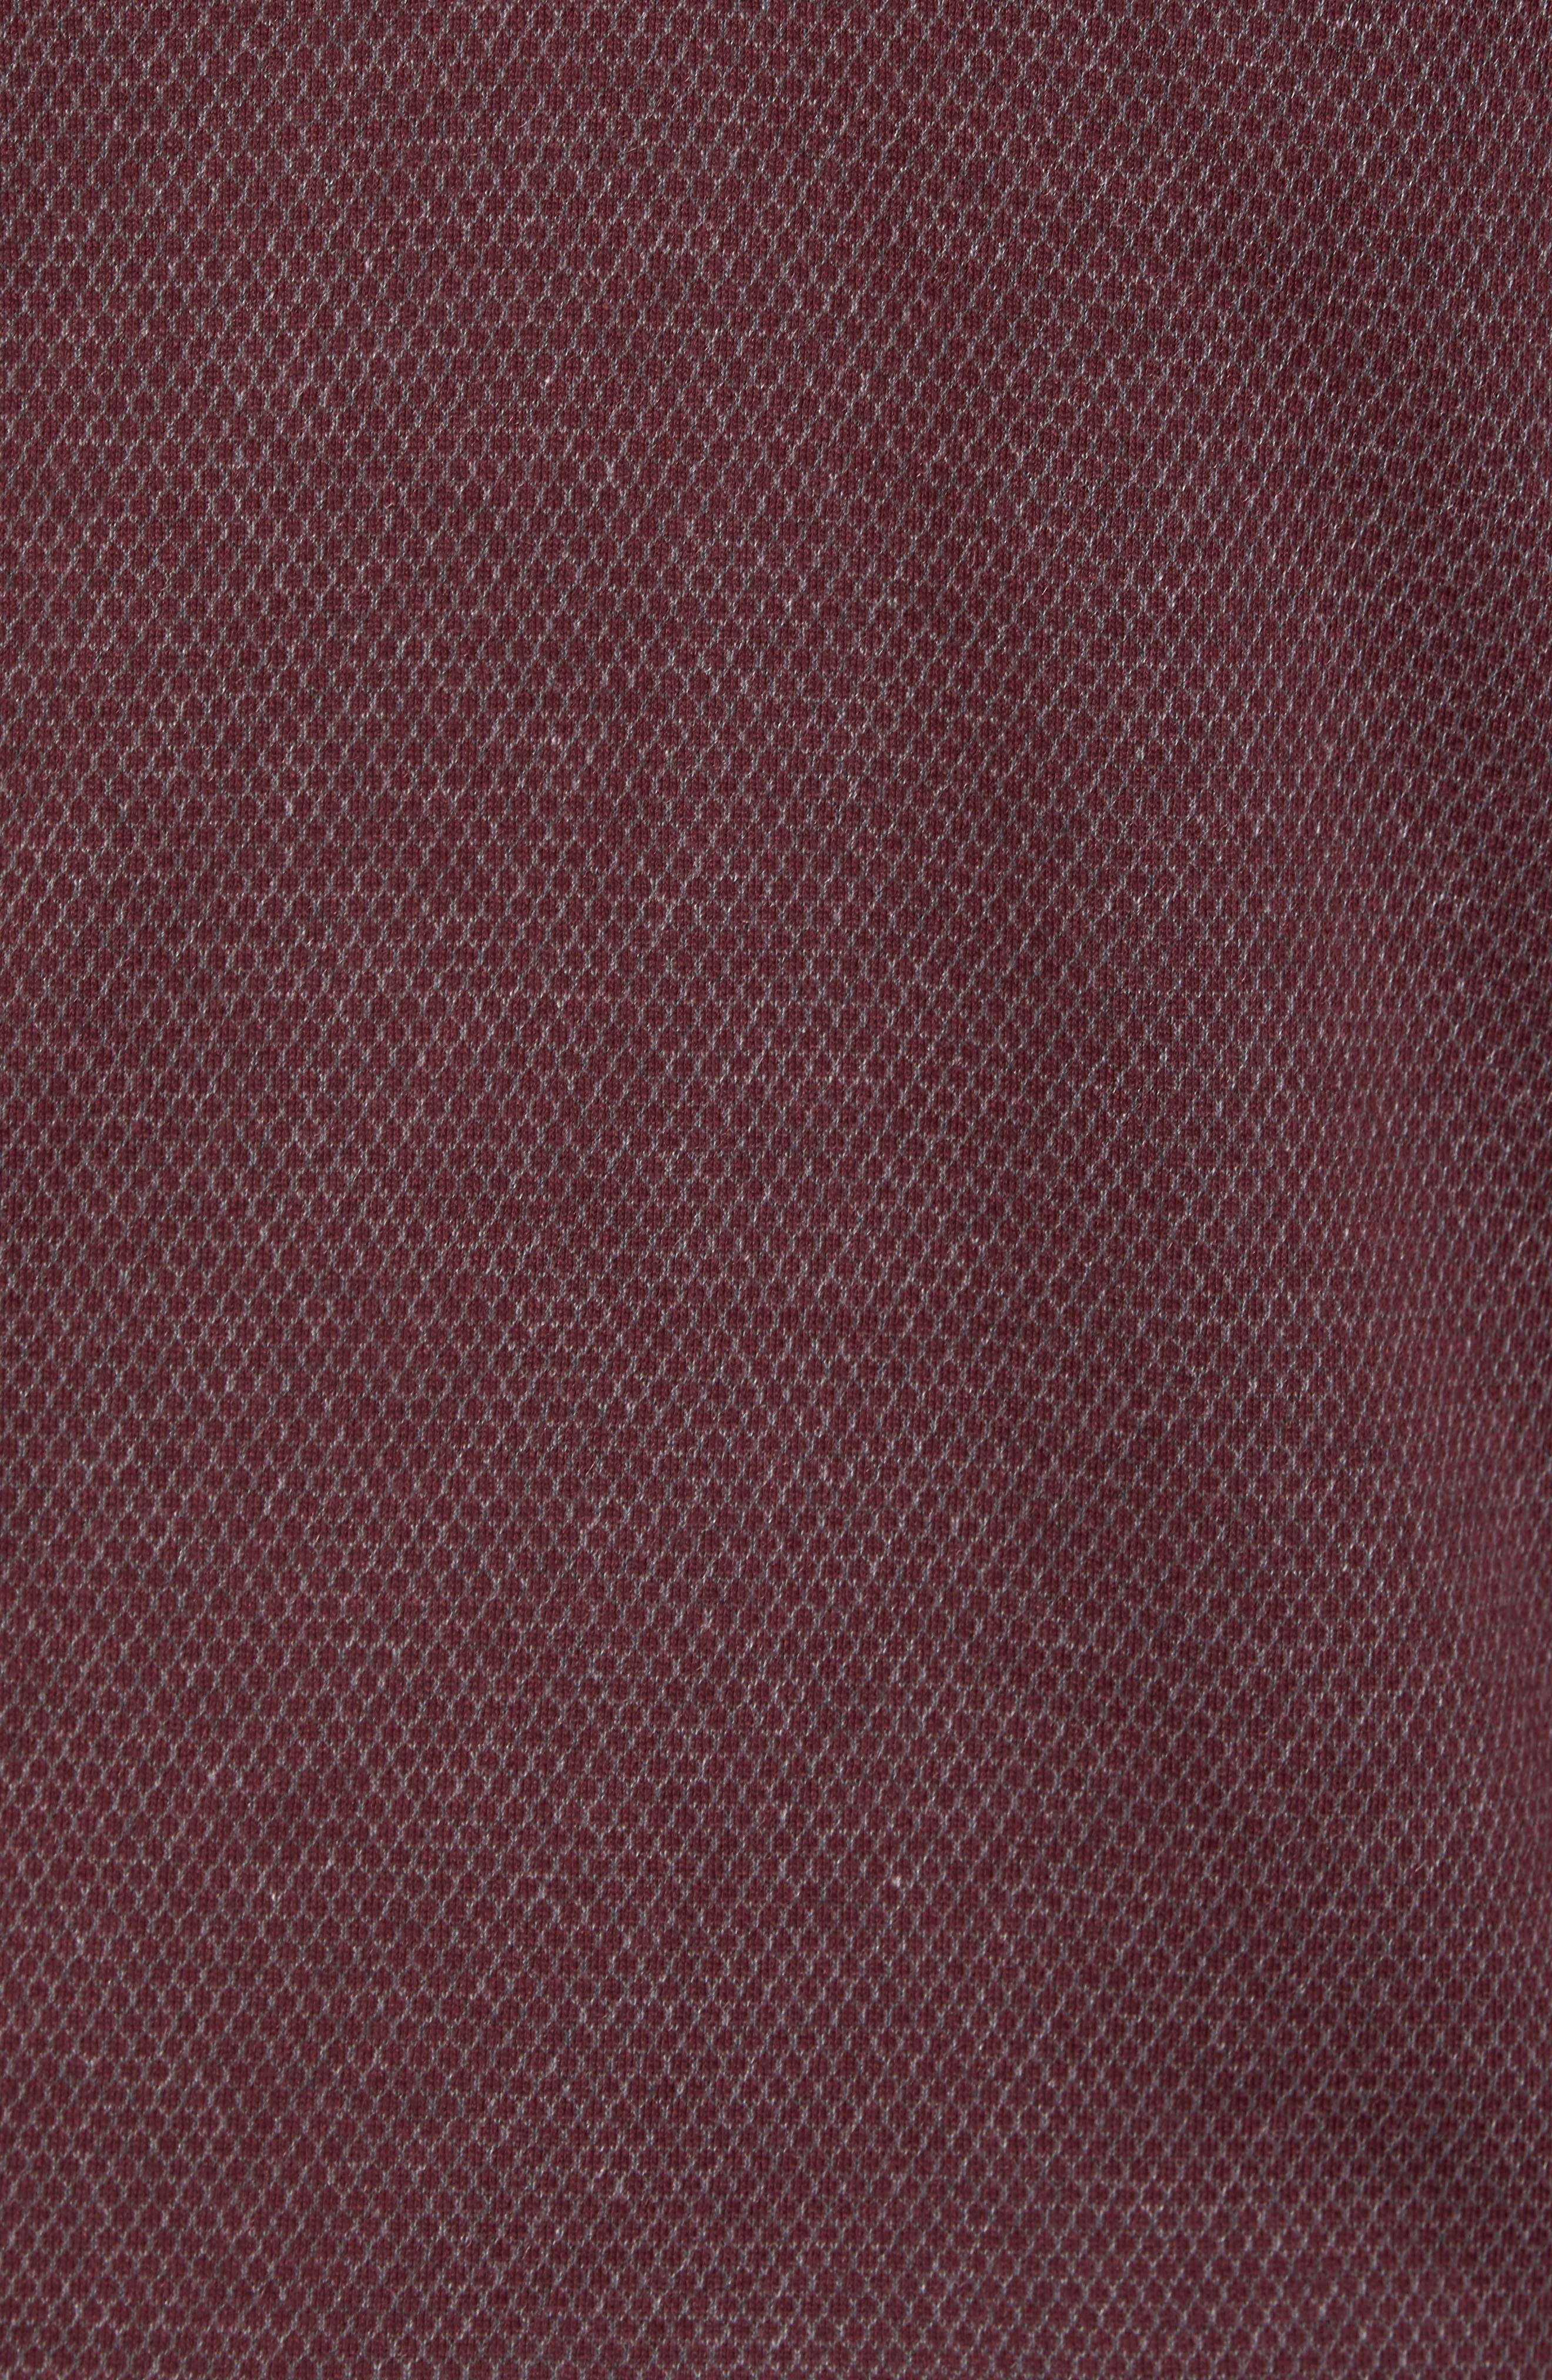 Woolpak Trim Fit Mouliné Polo,                             Alternate thumbnail 10, color,